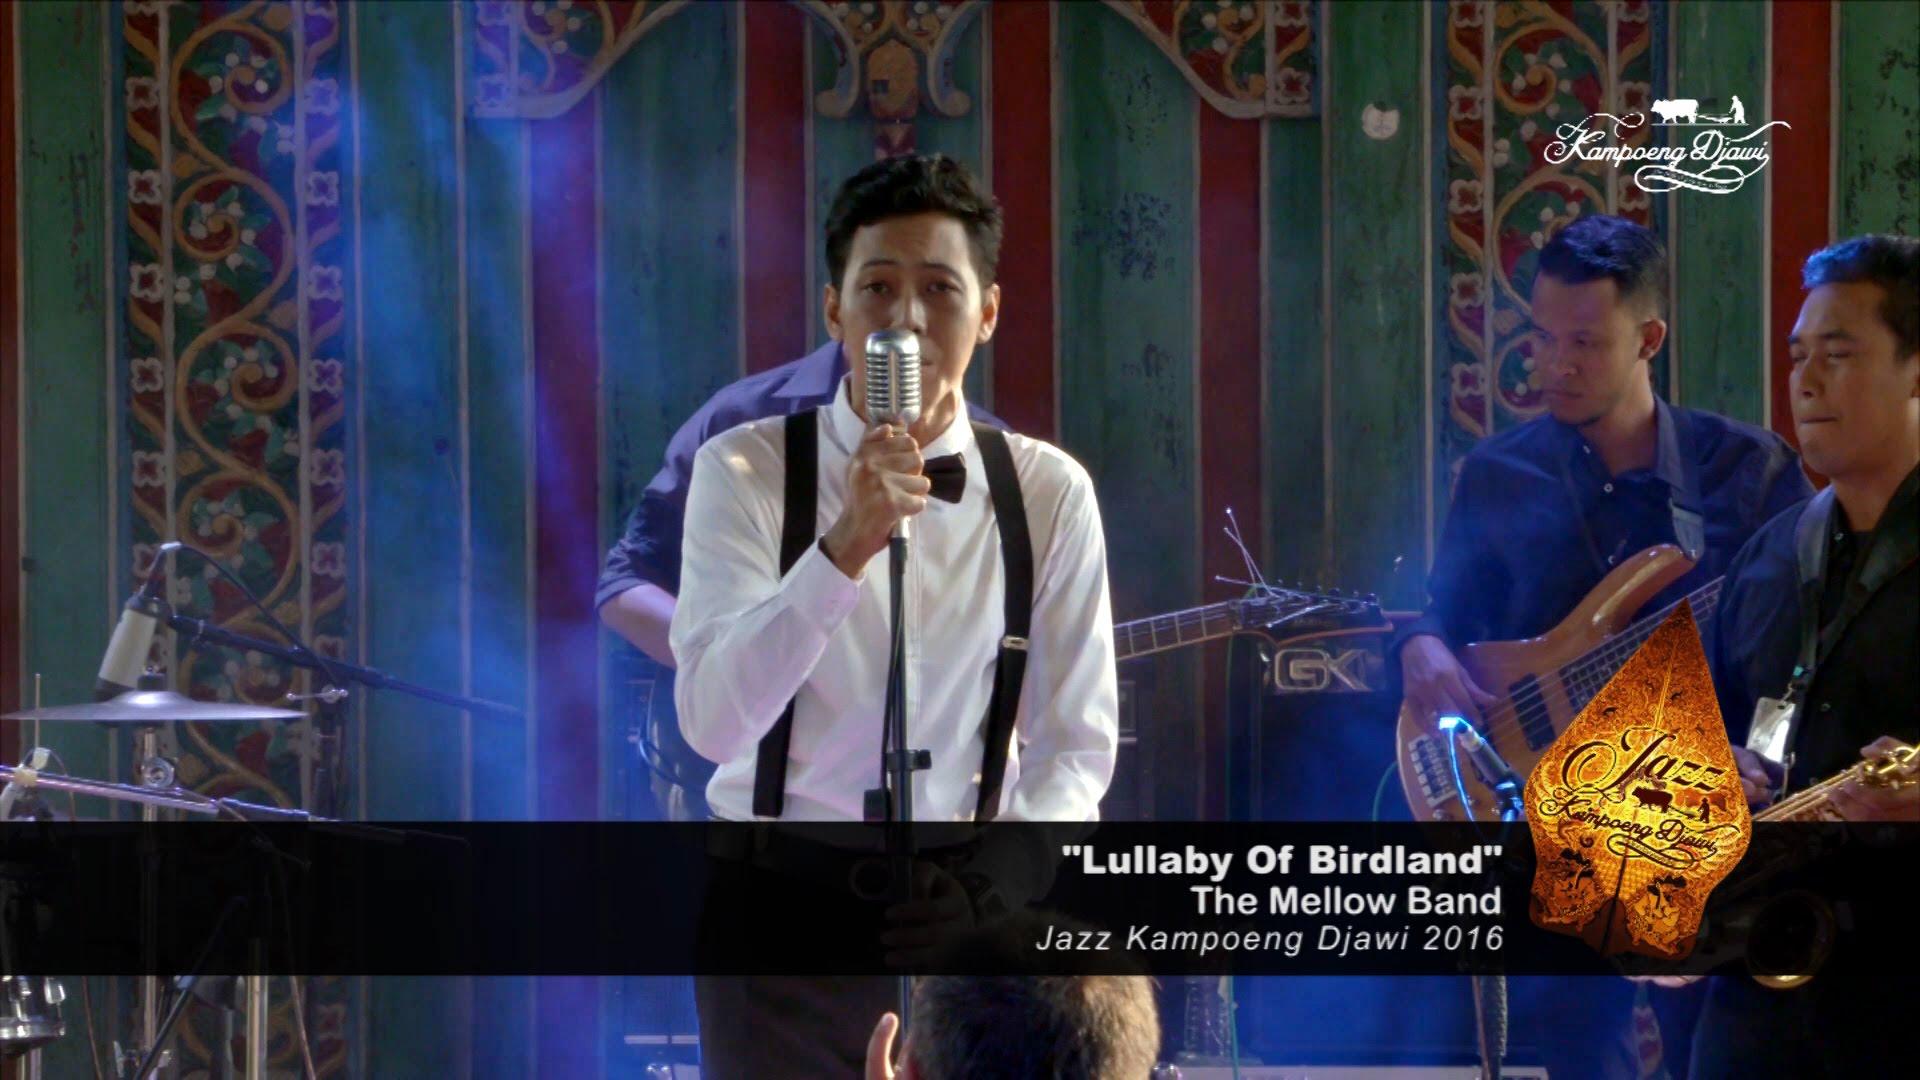 Mellow Band Lullaby Birdland Jazz Kampoeng Djawi 2016 Kab Jombang